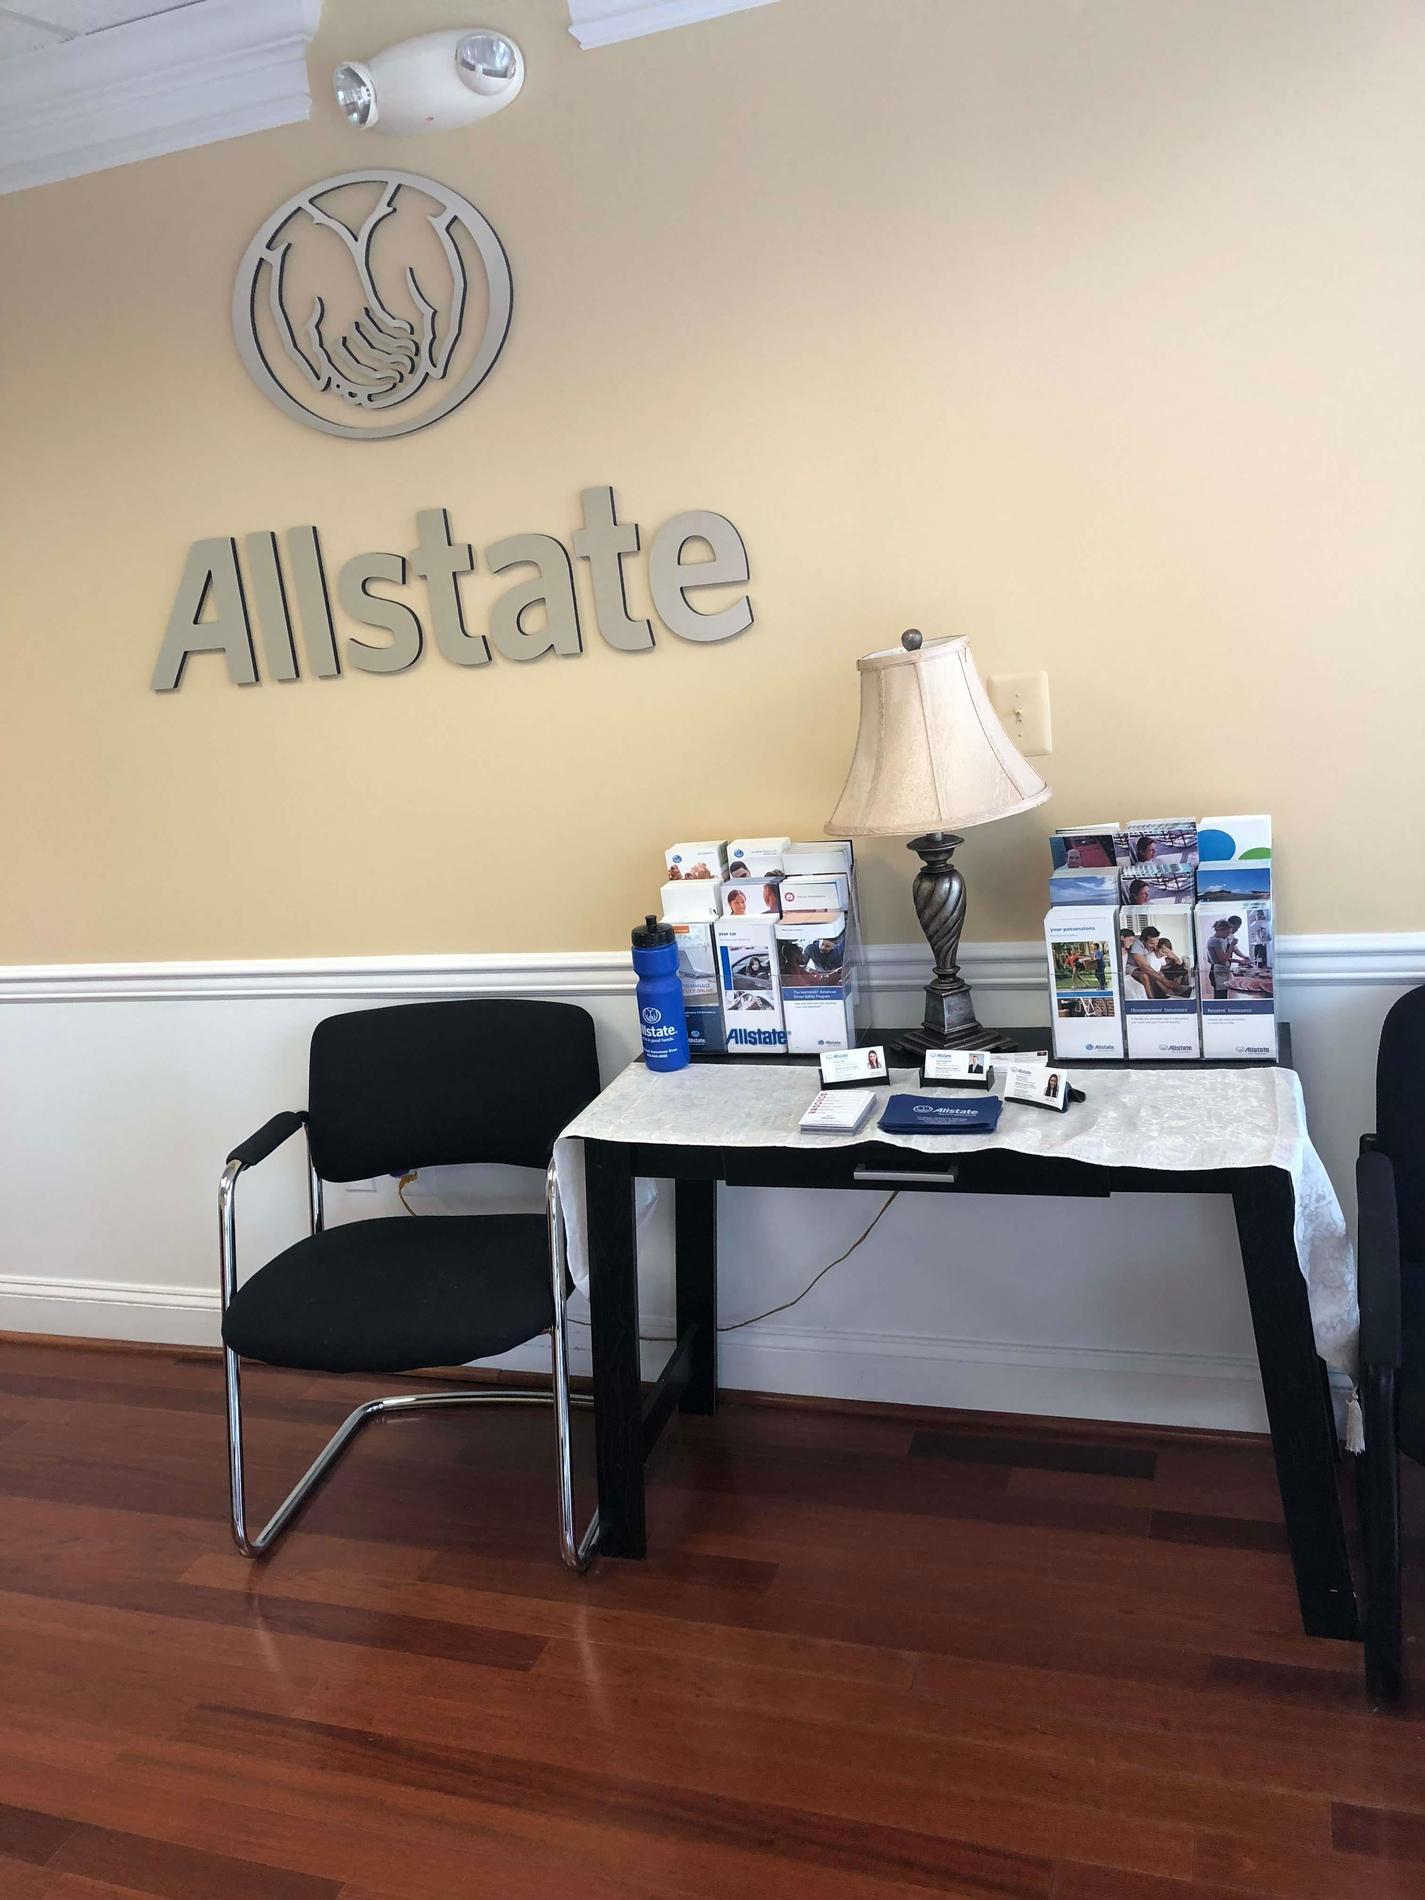 Allstate Car Insurance In Arnold Md Tedd Schodzinski